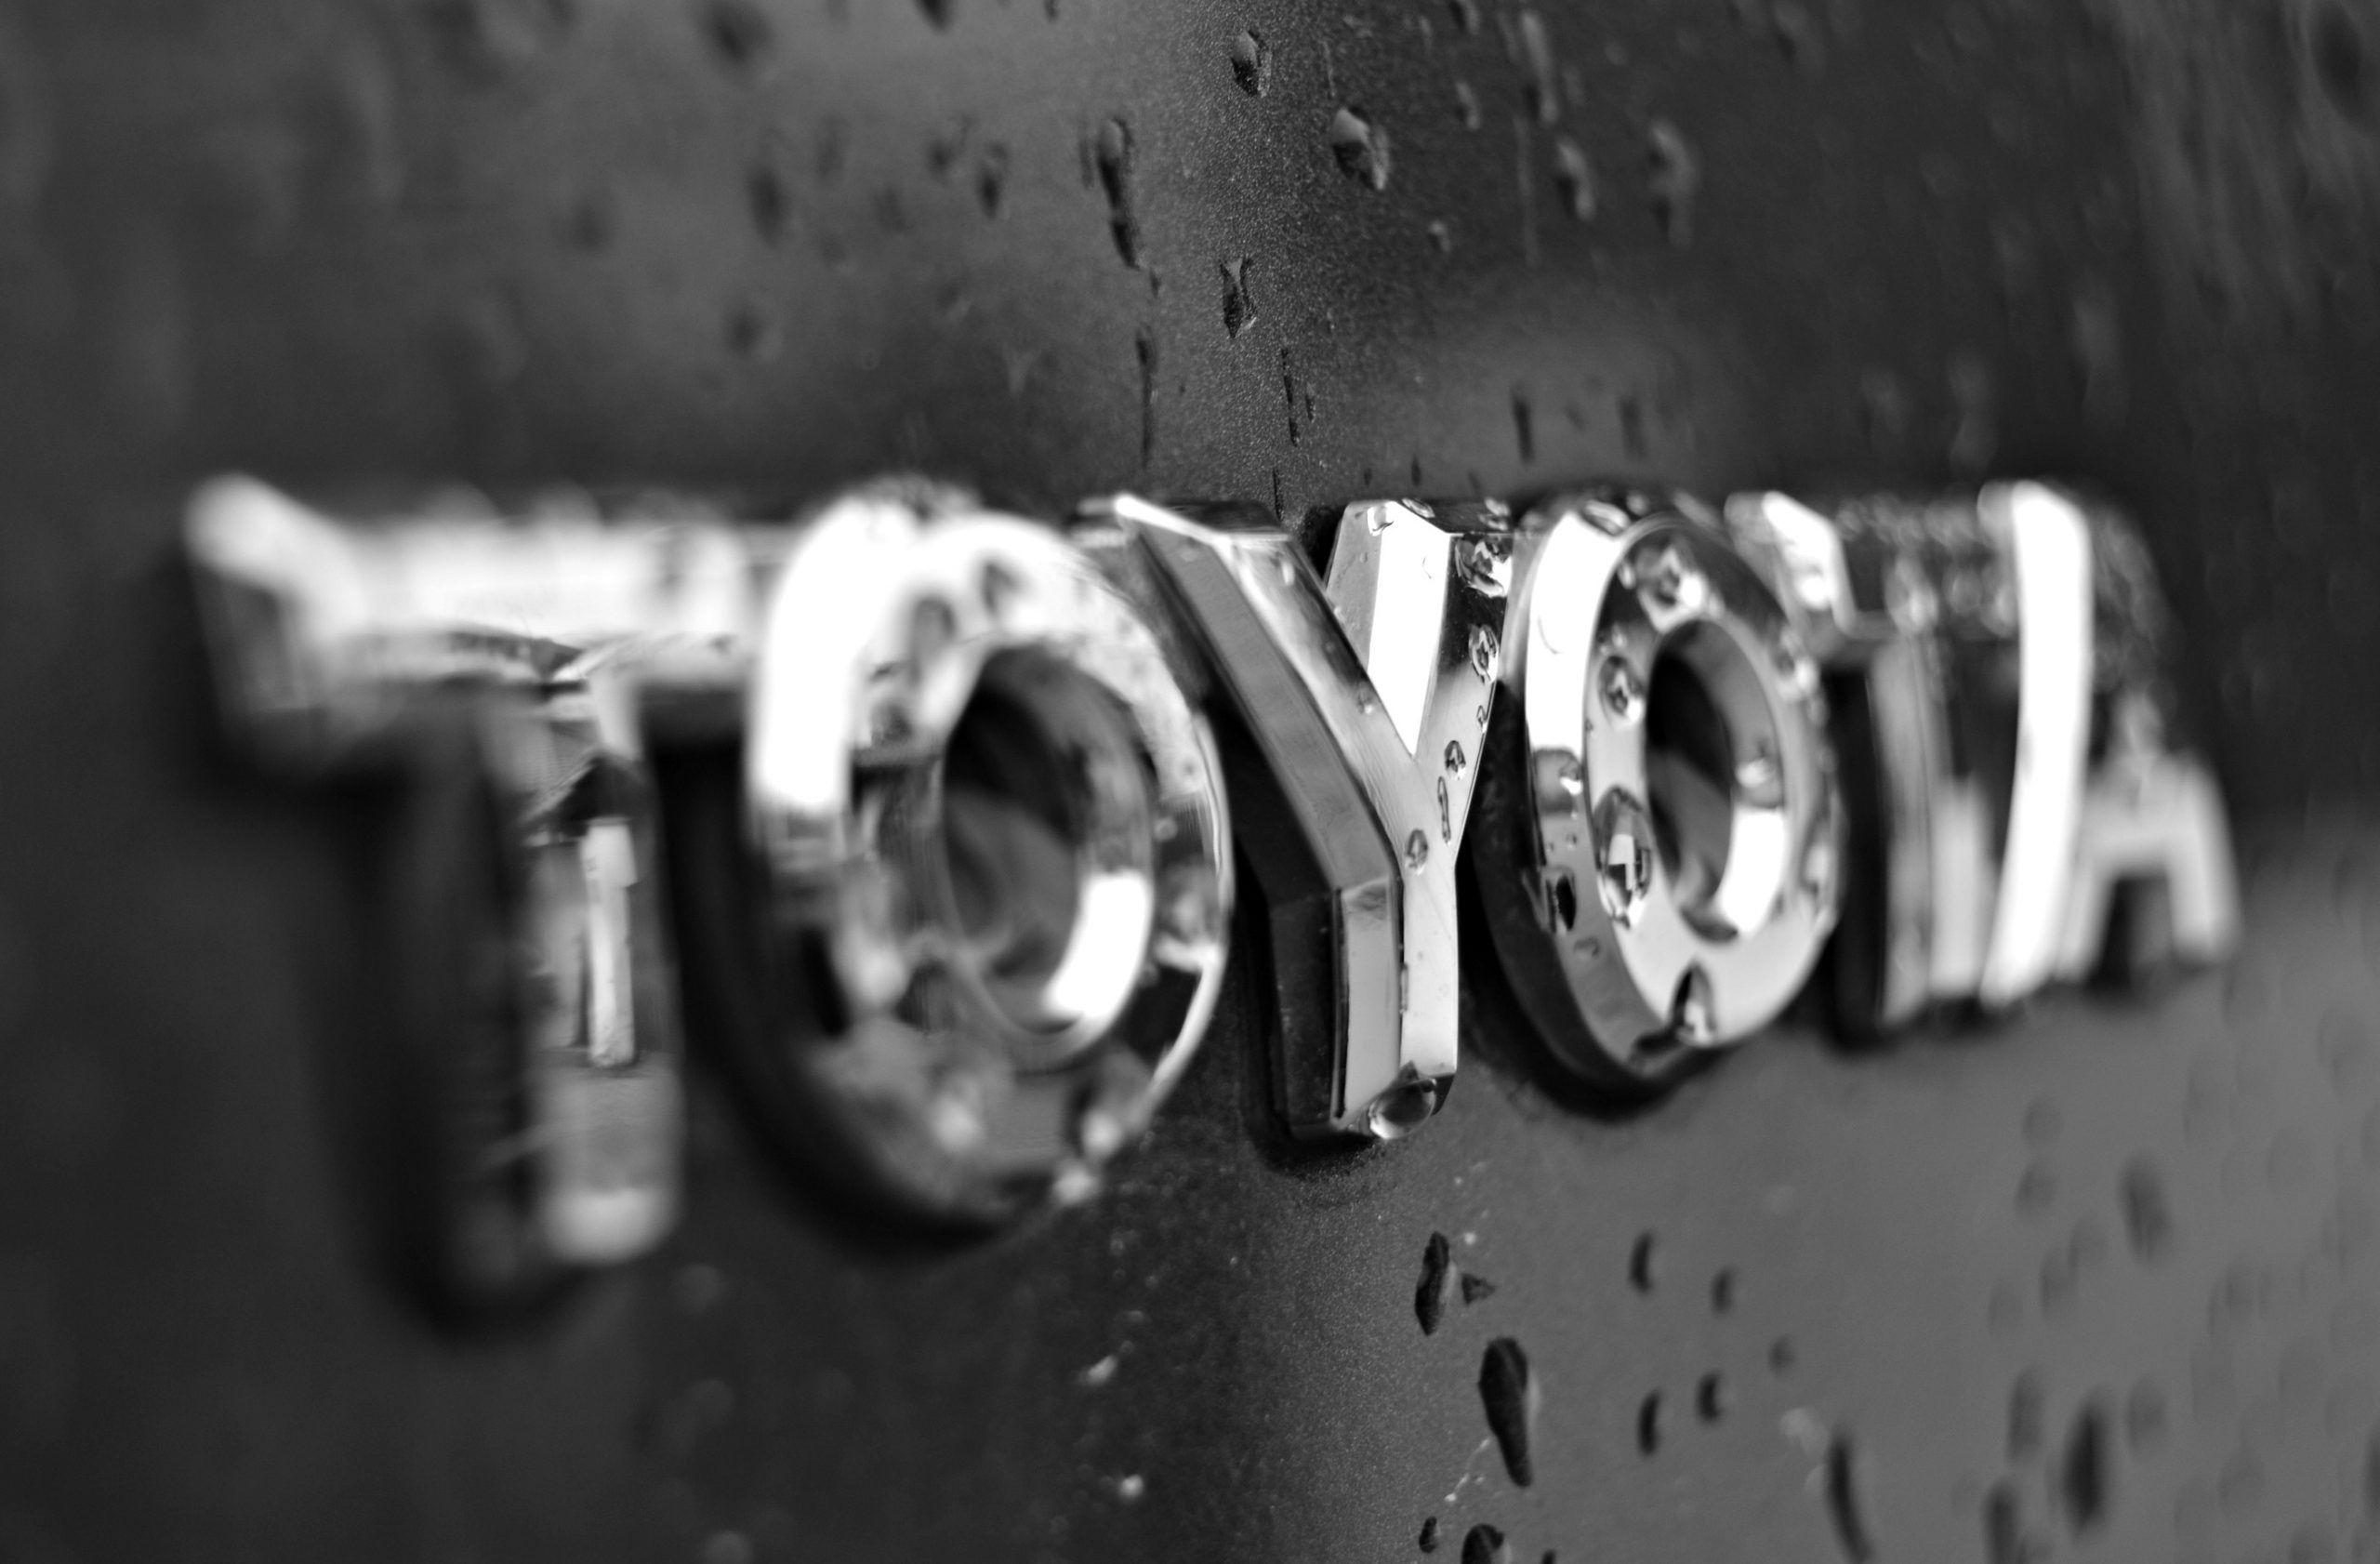 Strategia Toyota: l'obiettivo è diminuire le emissioni fino al 90%